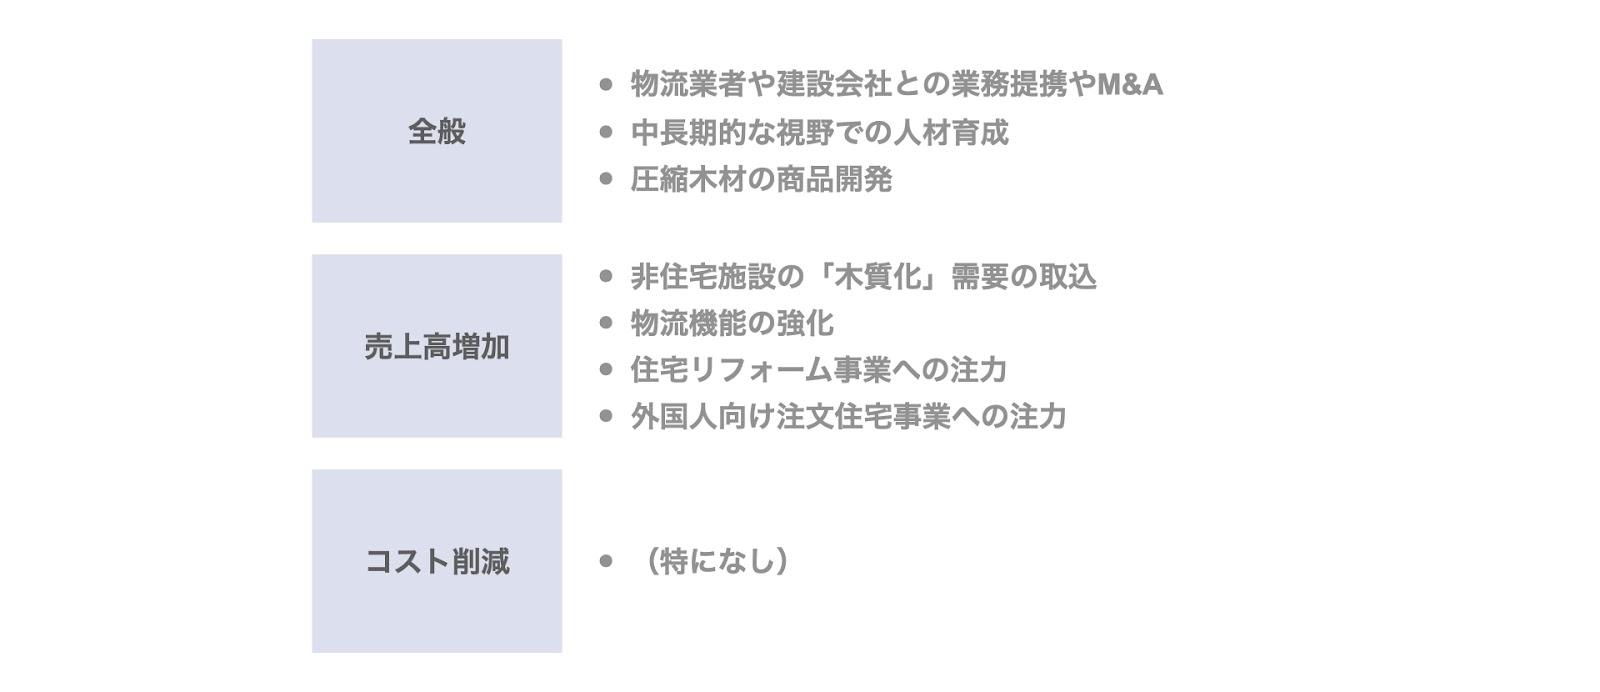 事例2. 名古屋木材のデットMBO(岡崎信金)の非公開化後の経営方針